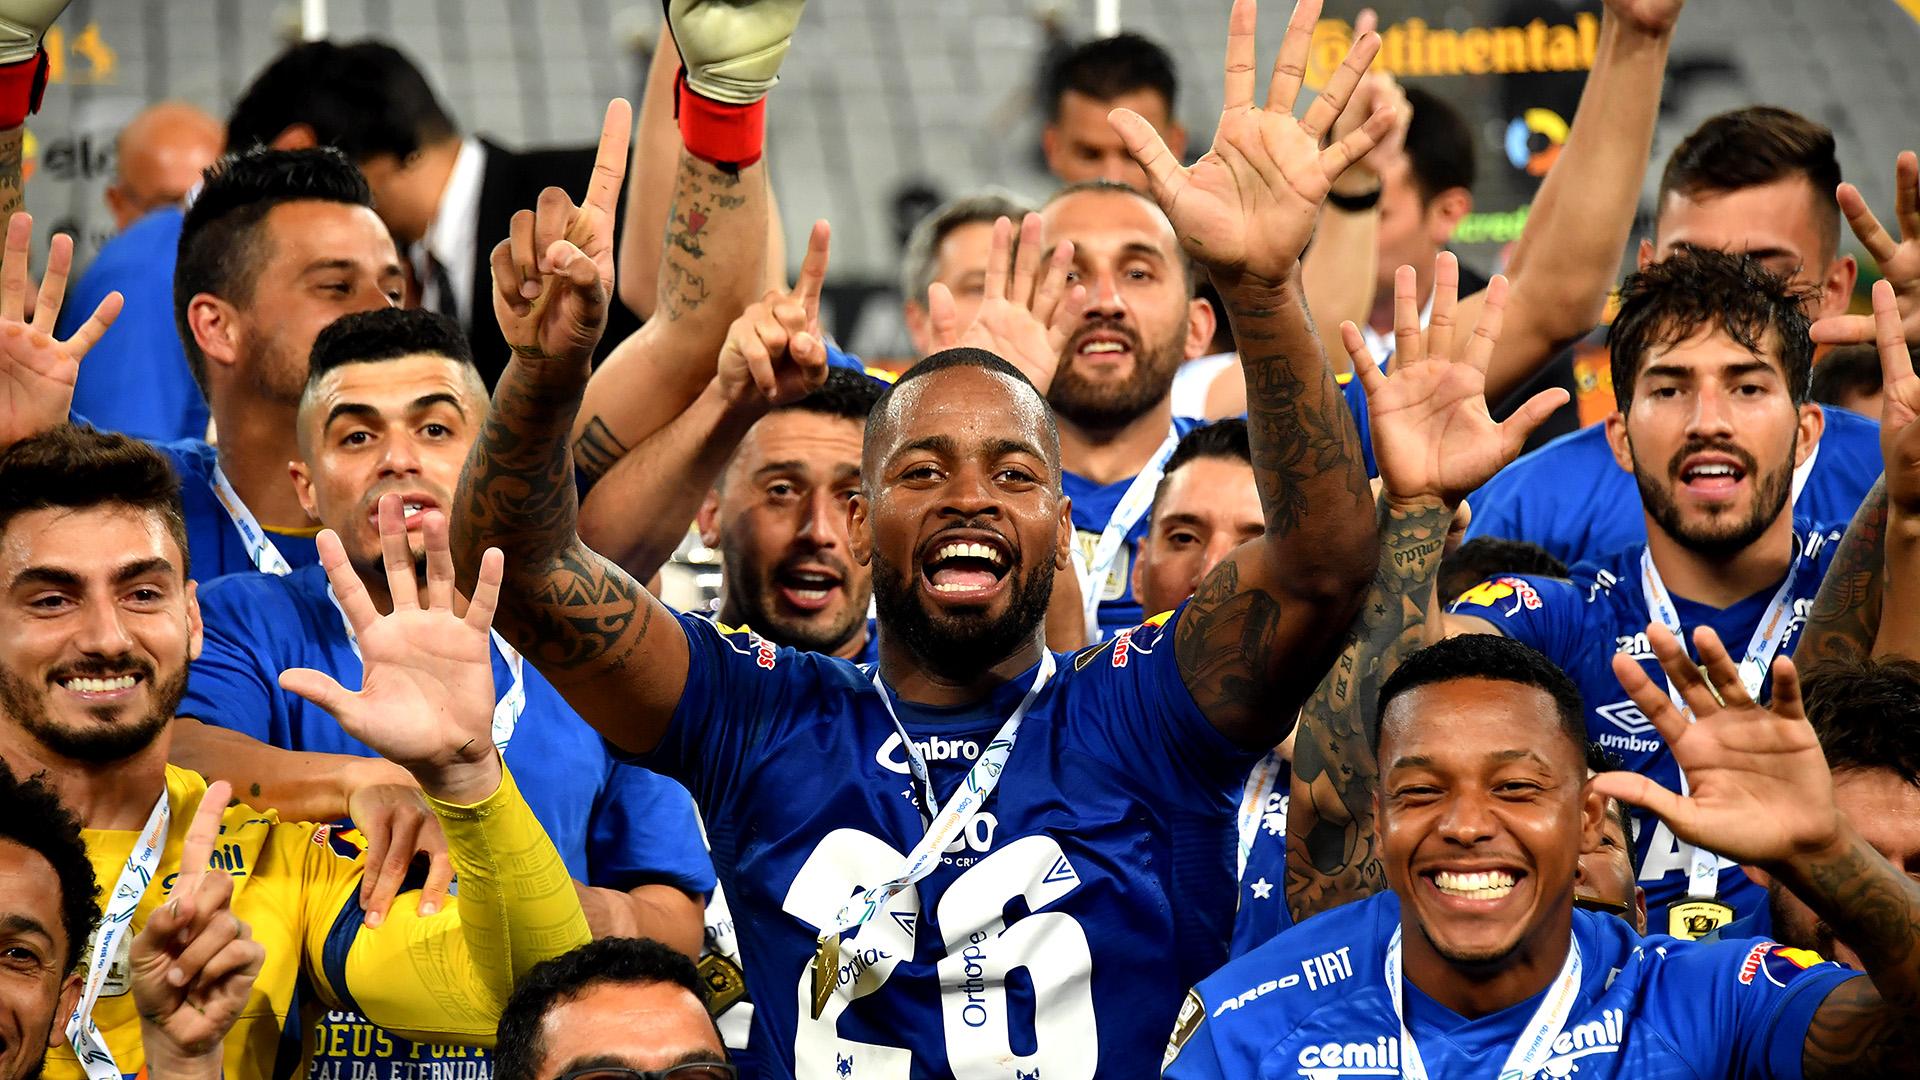 Dedé hexa campeão Corinthians Cruzeiro Copa do Brasil final volta 17102018